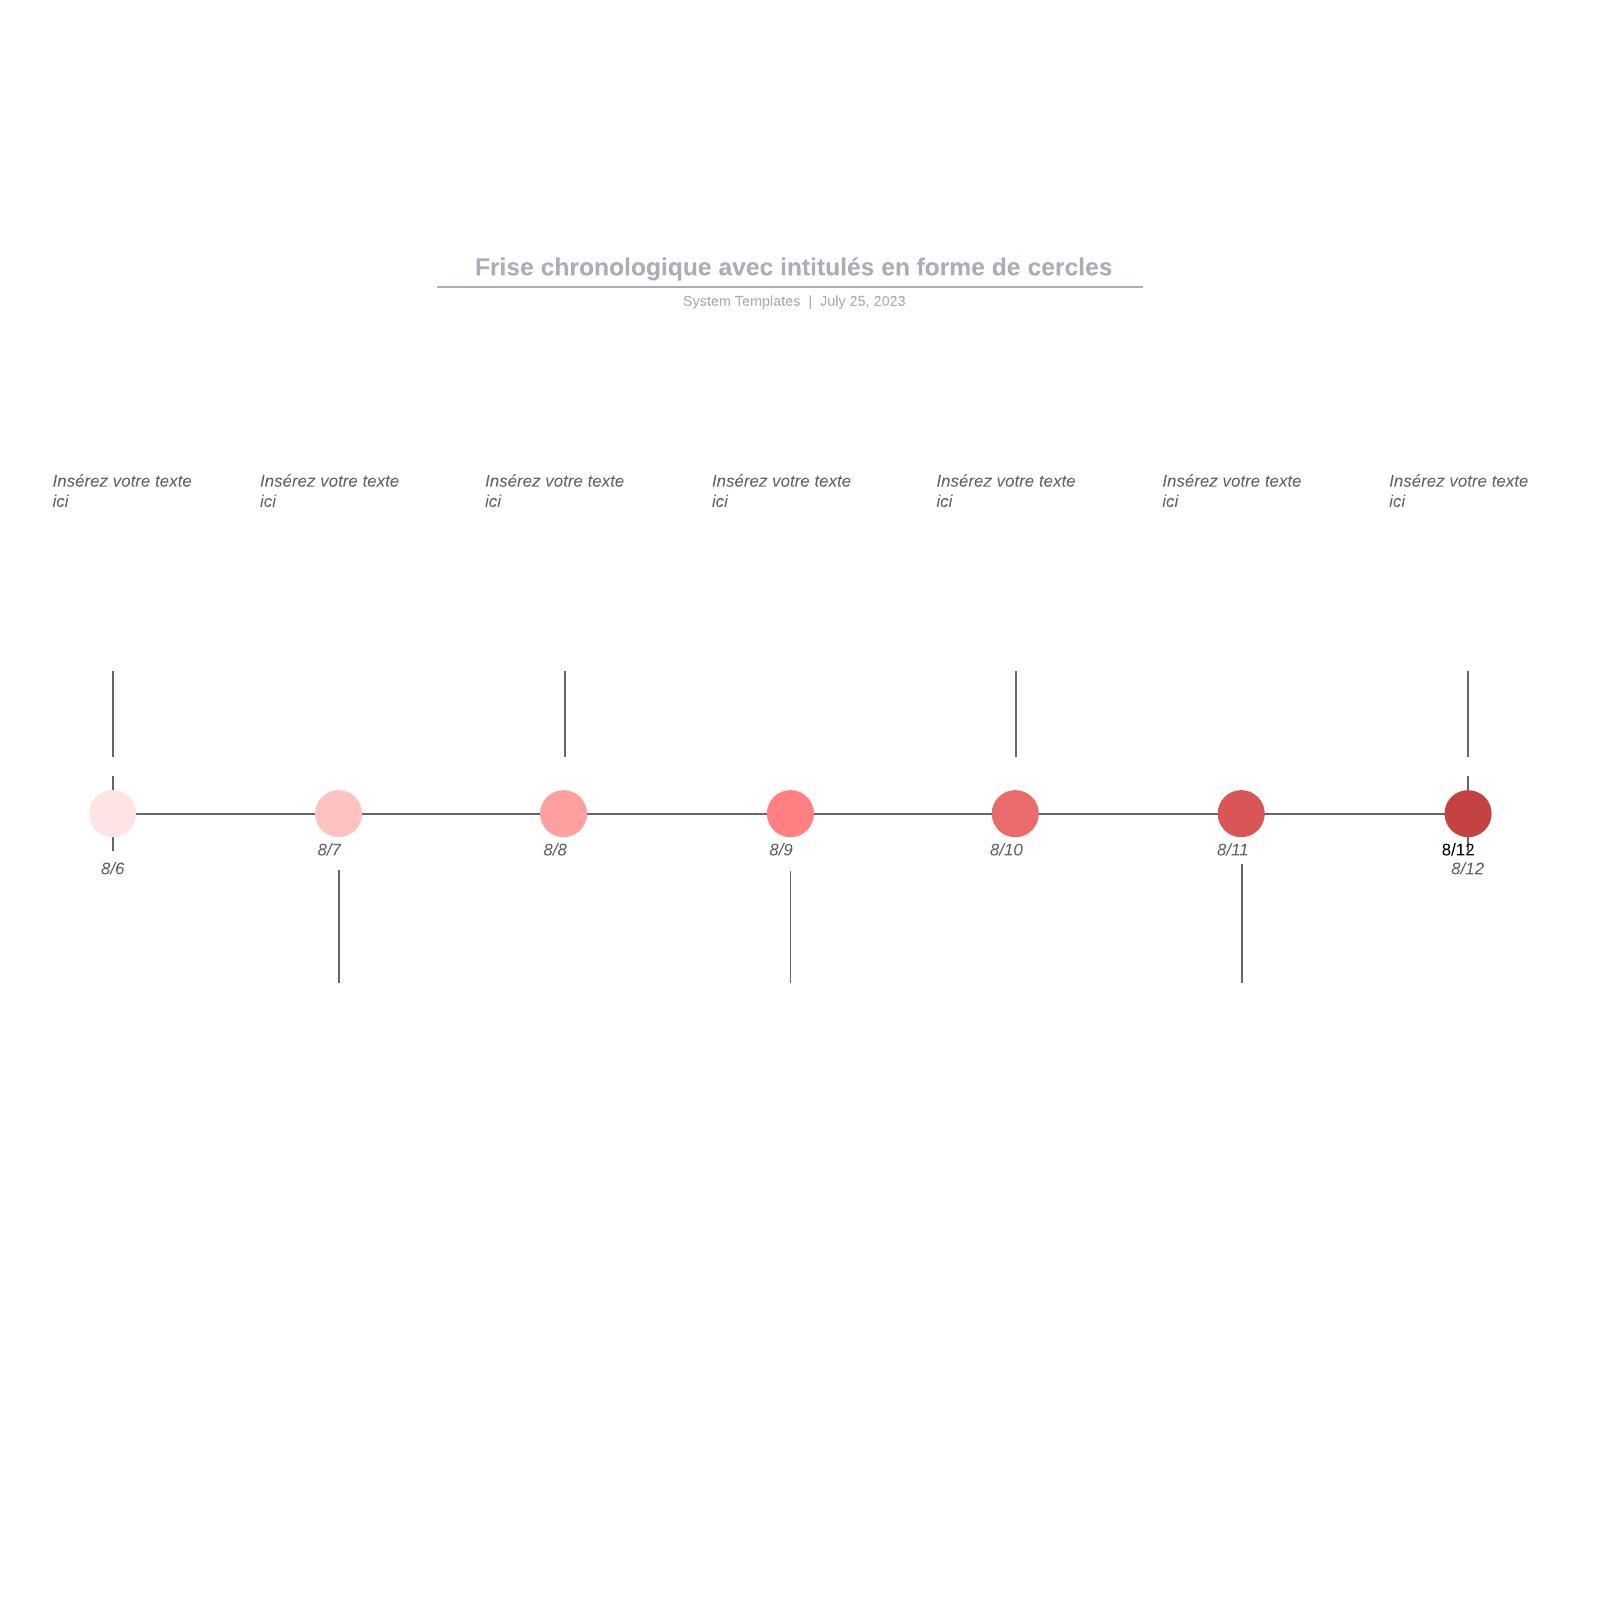 exemple de frise chronologique avec intitulés en forme de cercles vierge